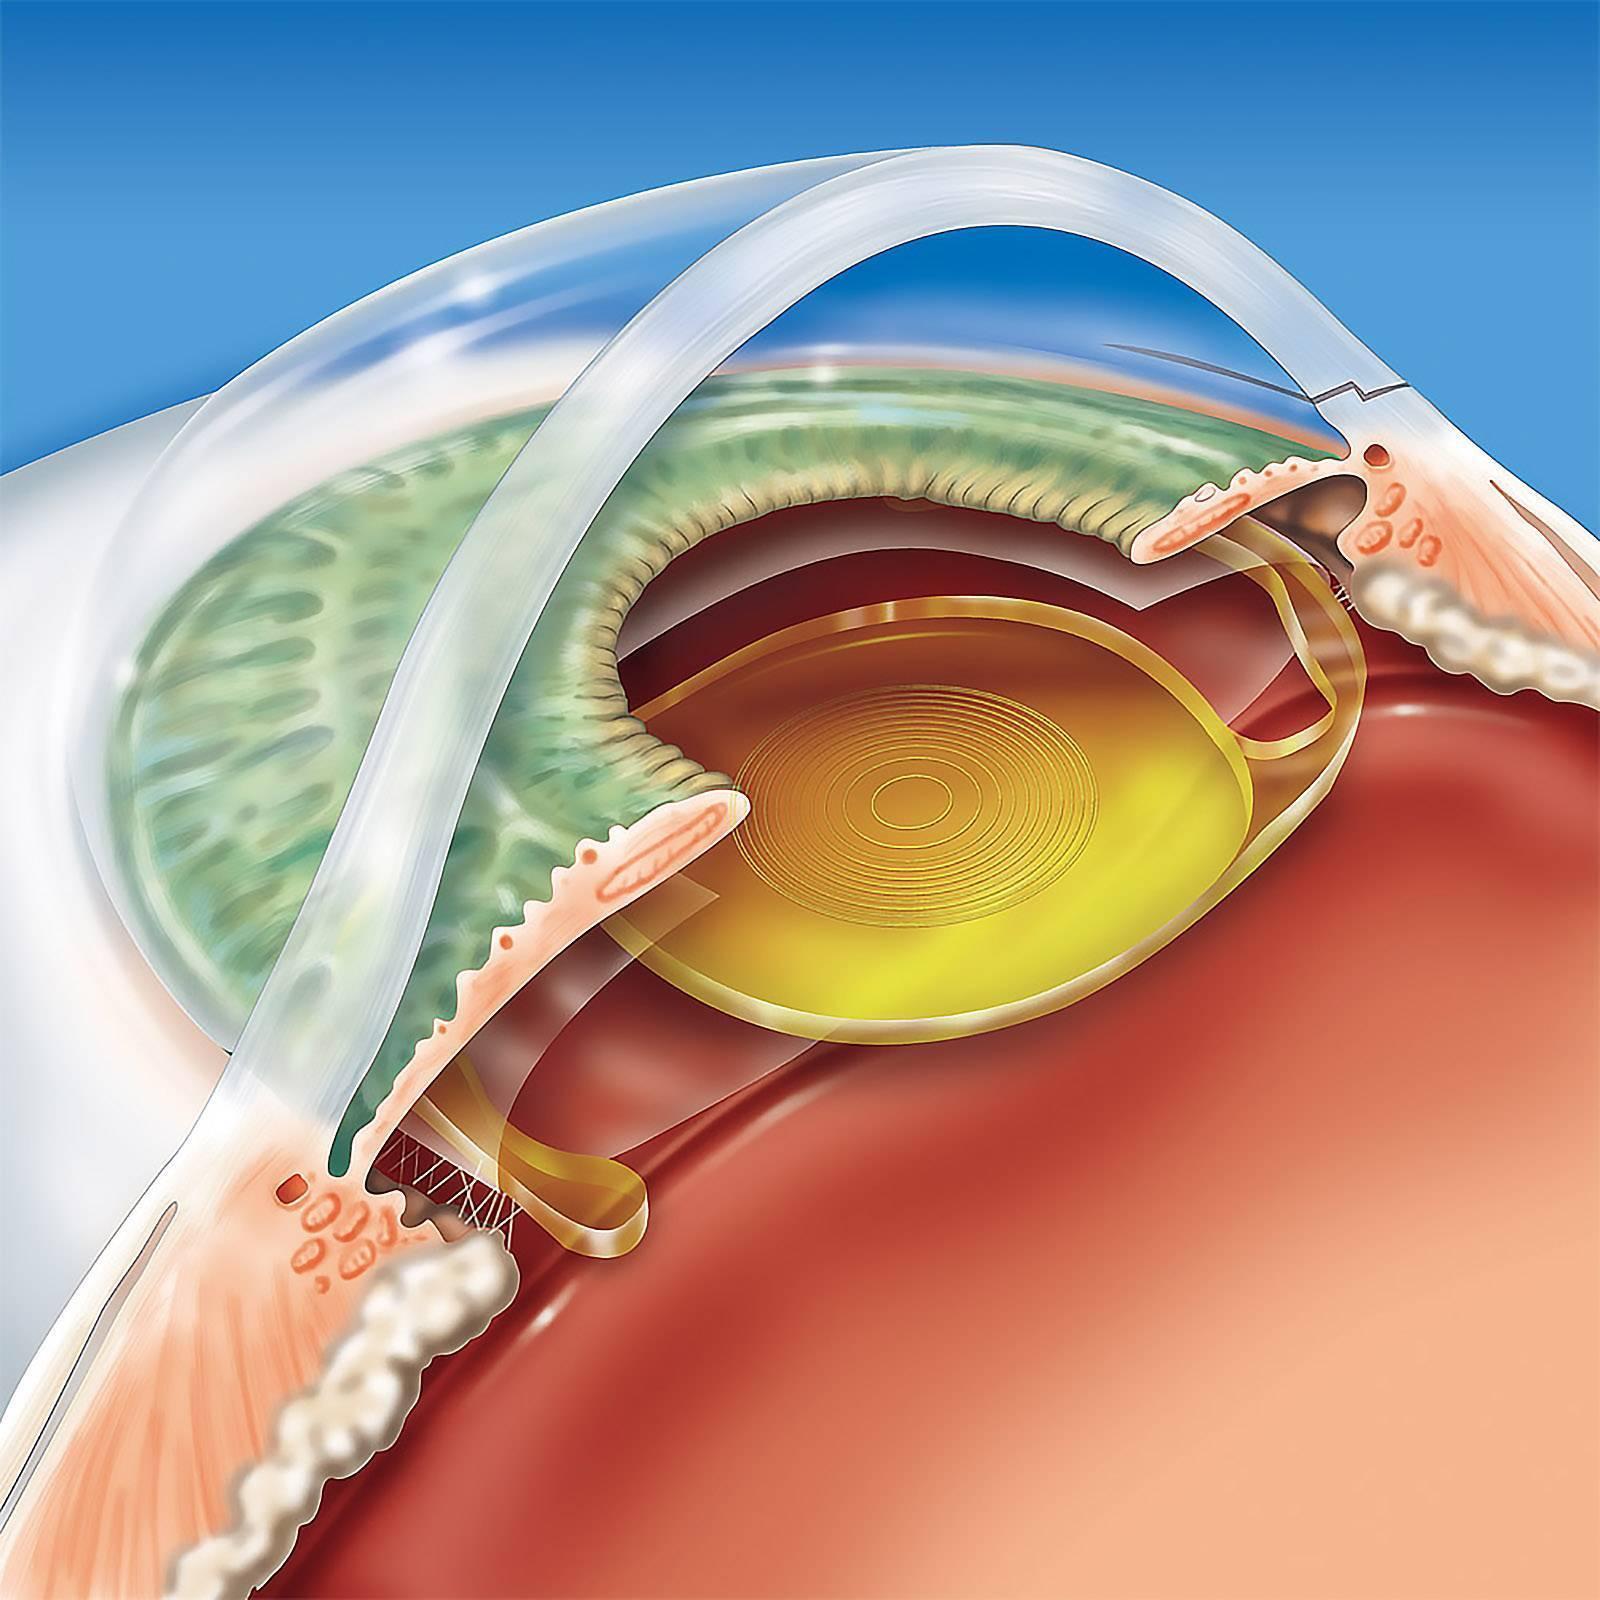 Замена хрусталика глаза. операция по замене хрусталика глаза в клинике им. федорова